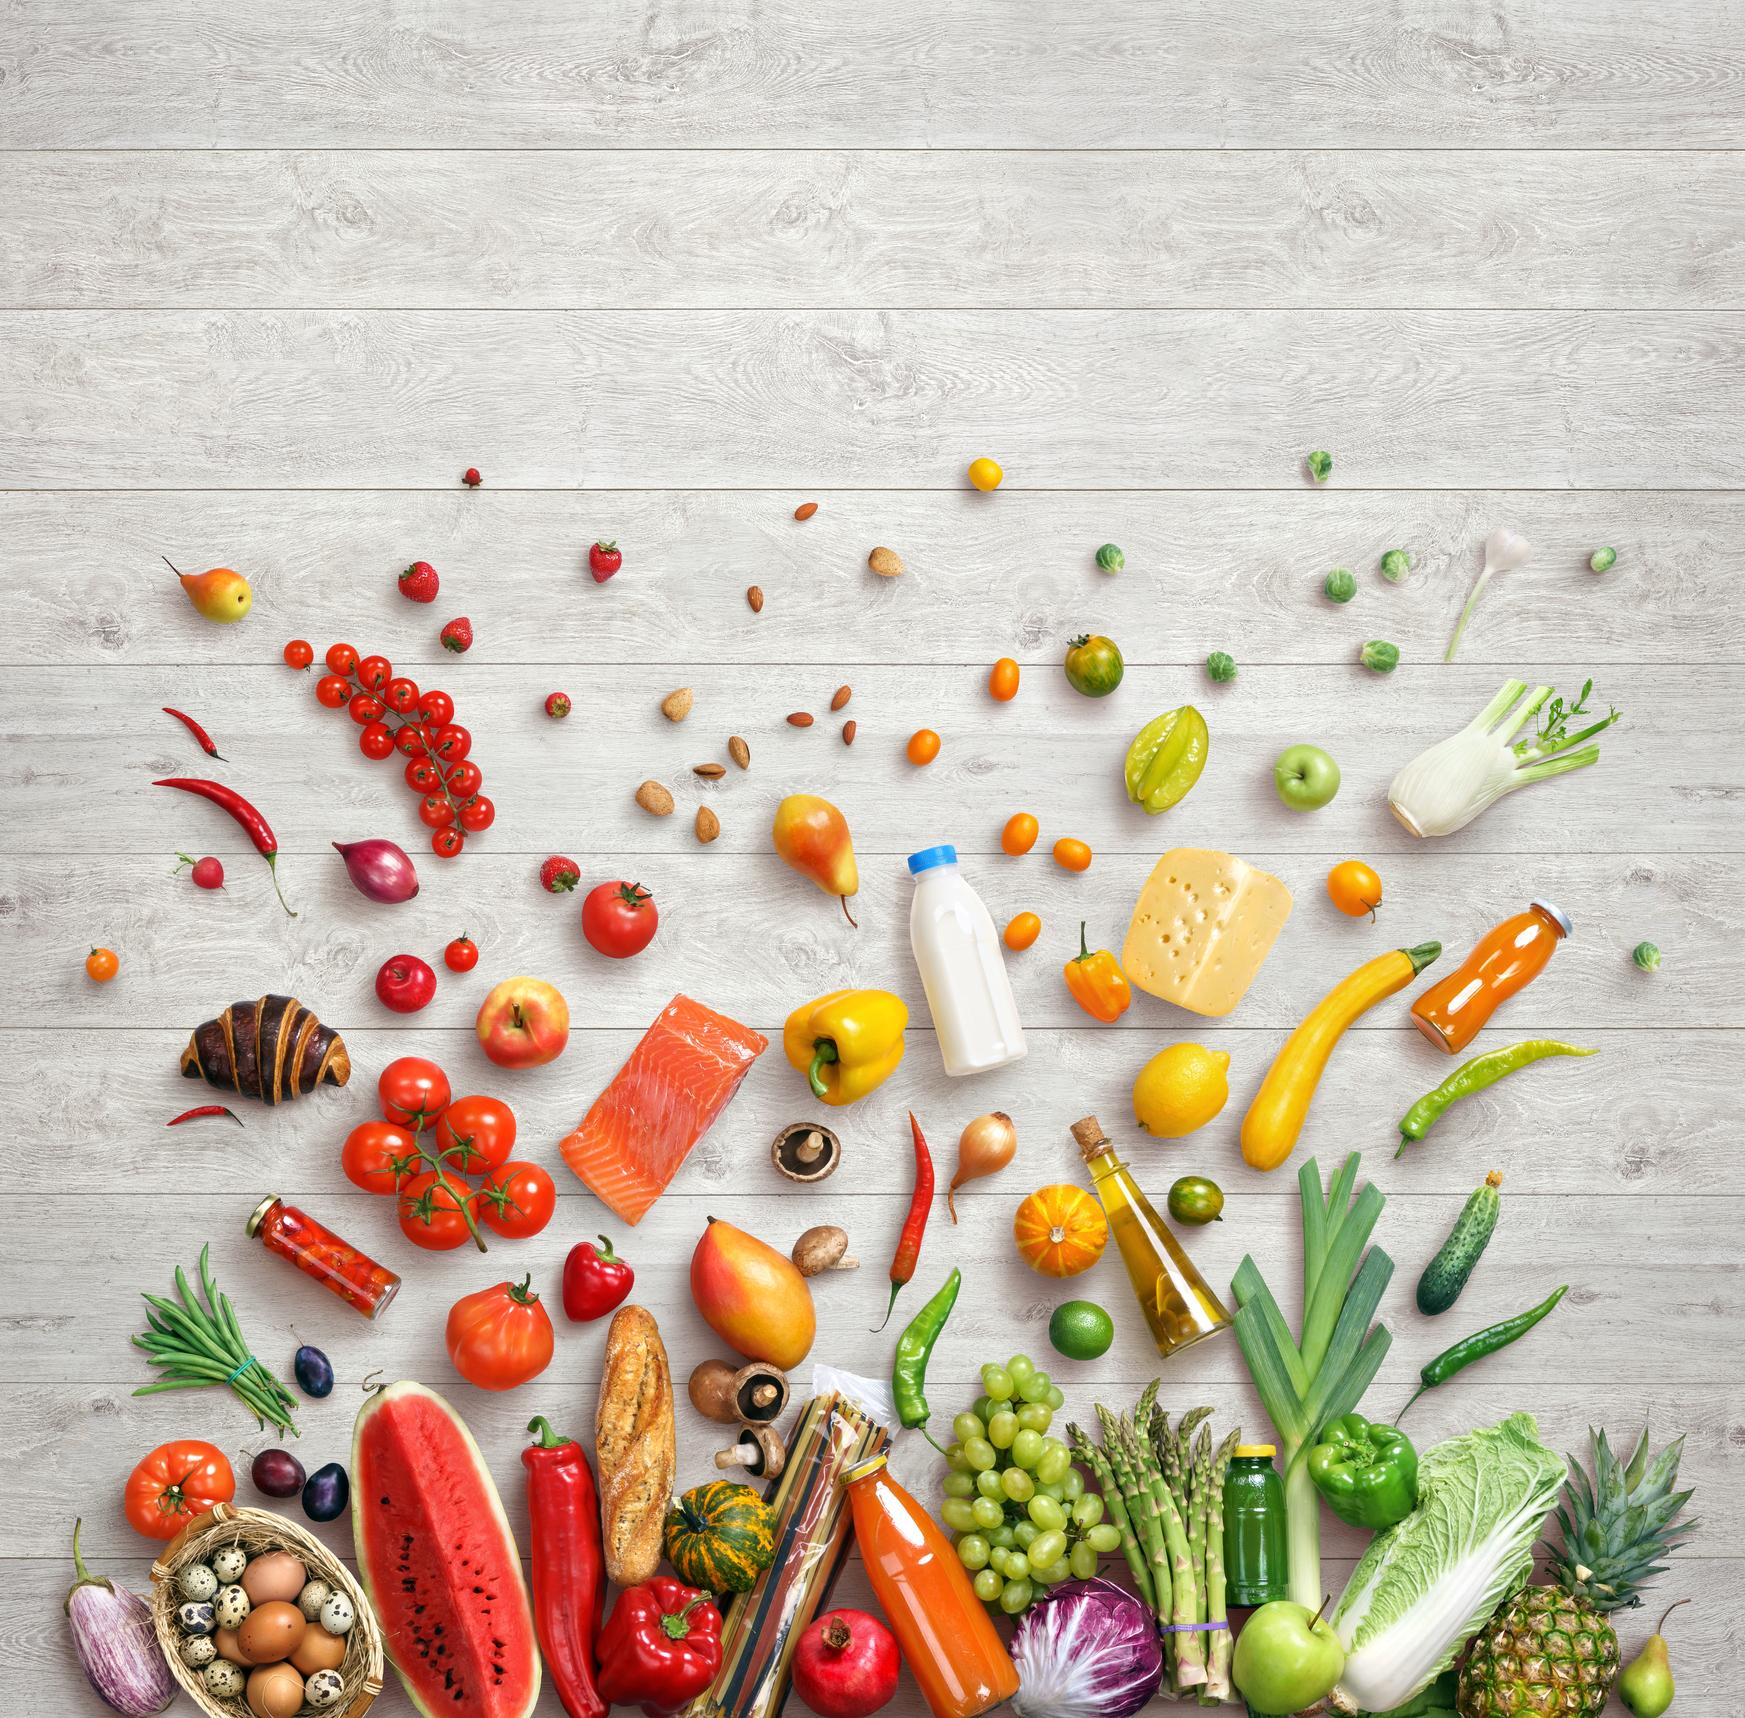 Matvarer (L).jpg